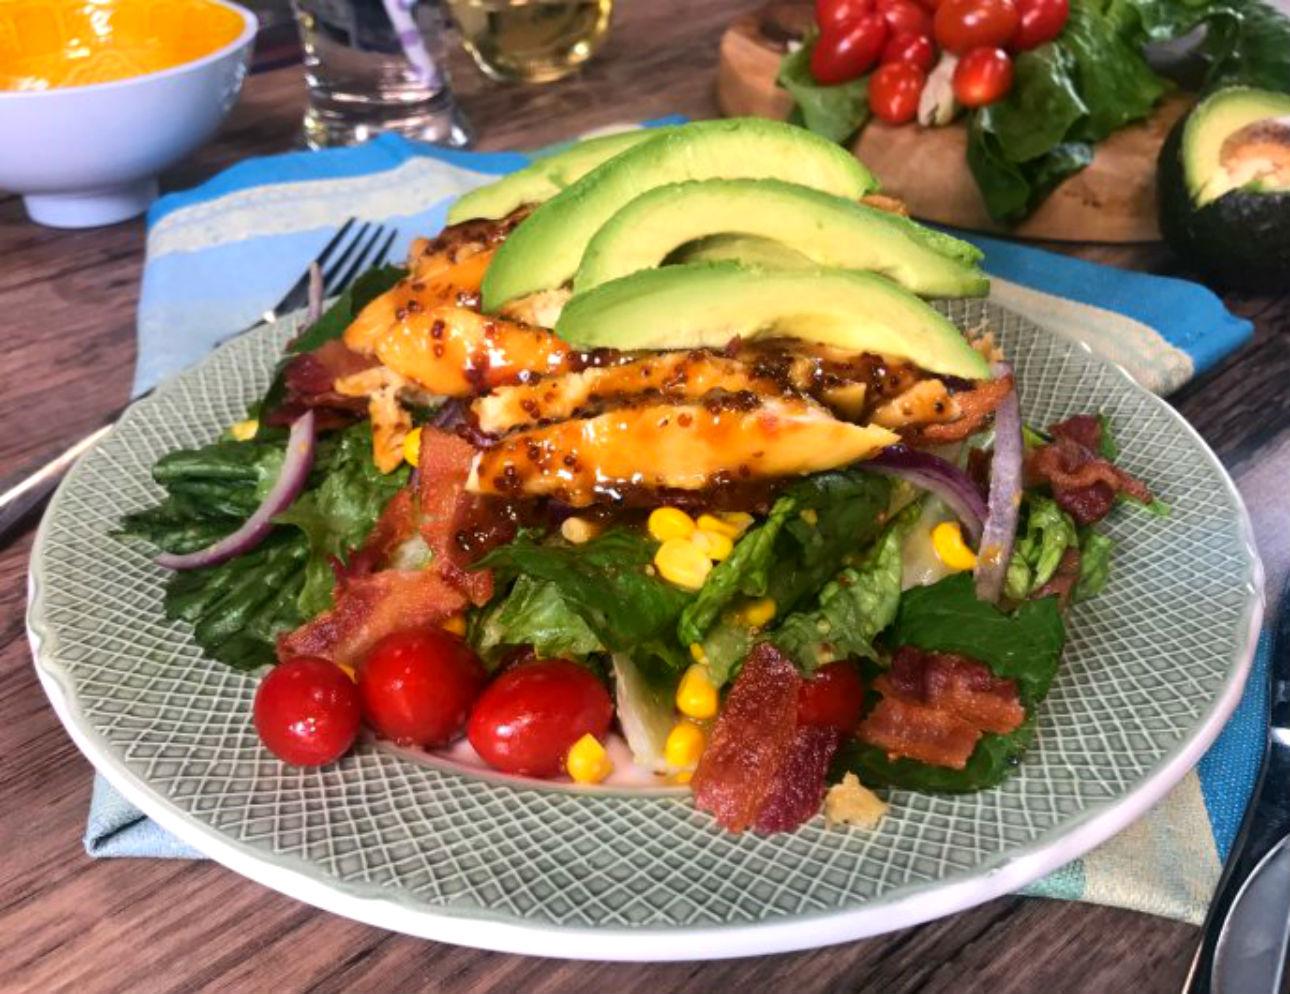 comida saludable con pollo sin grasa